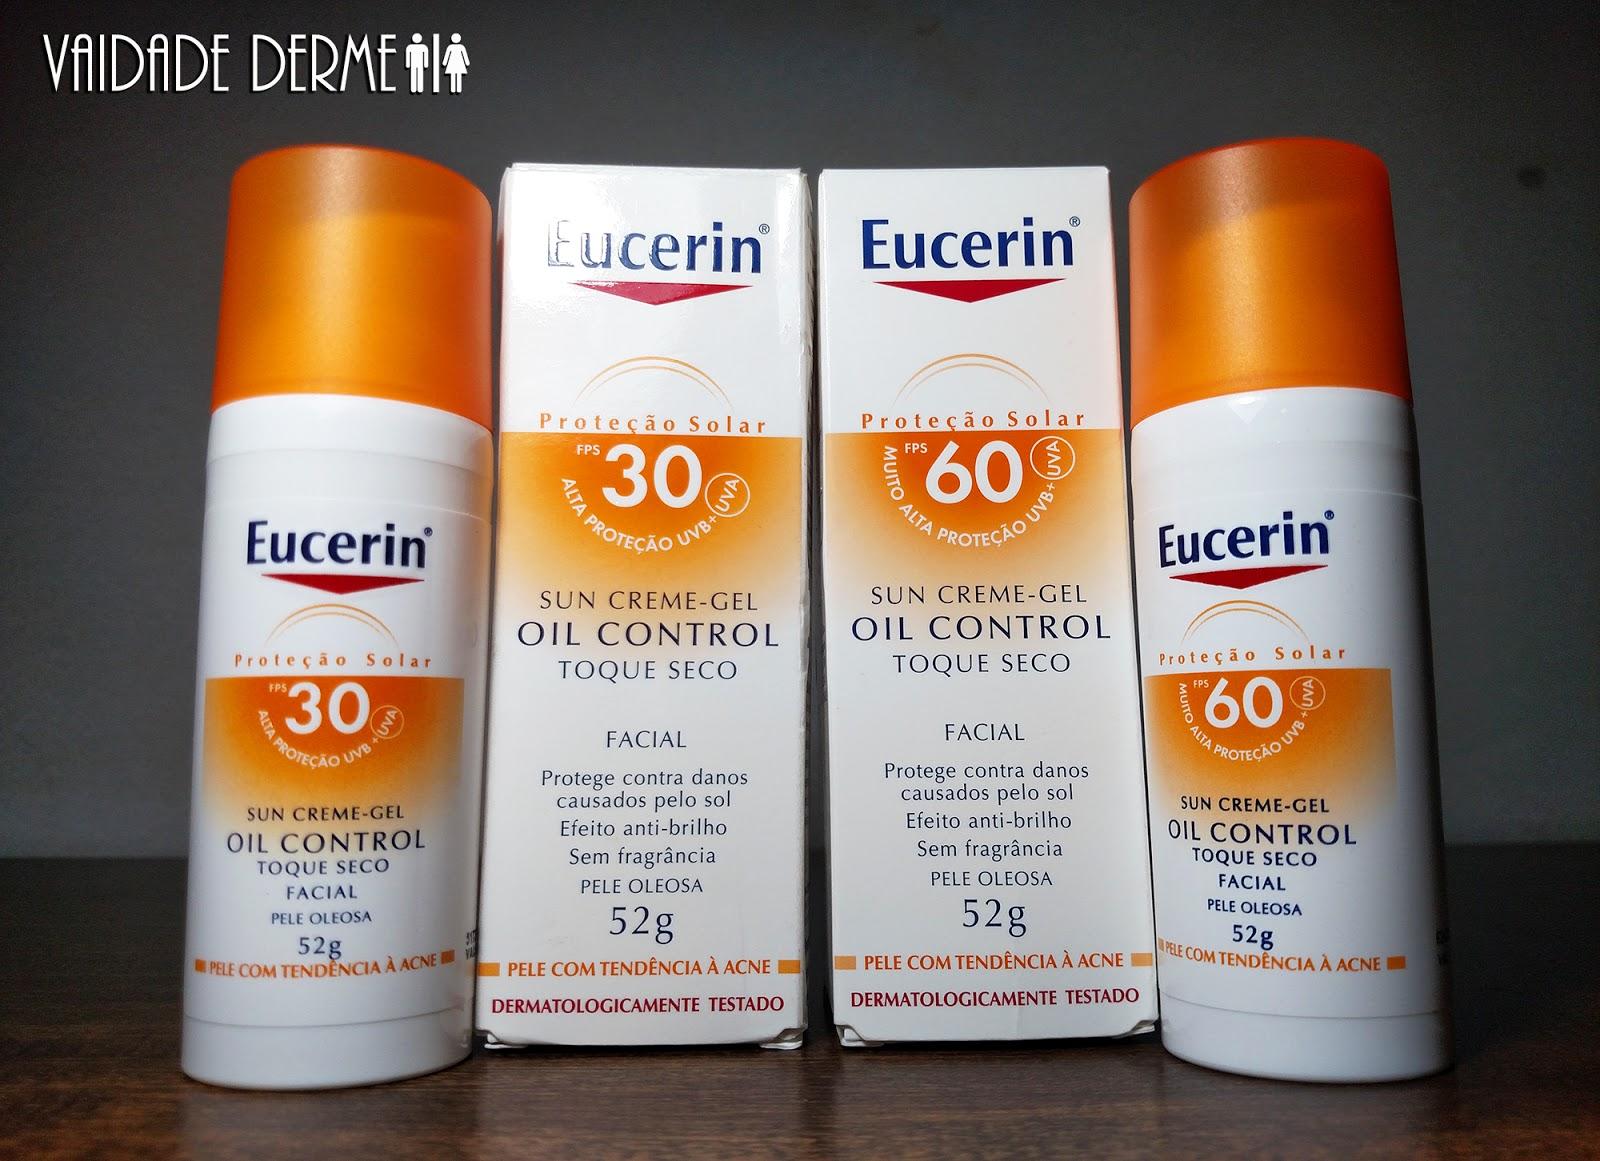 Eucerin Sun Creme Gel Oil Control